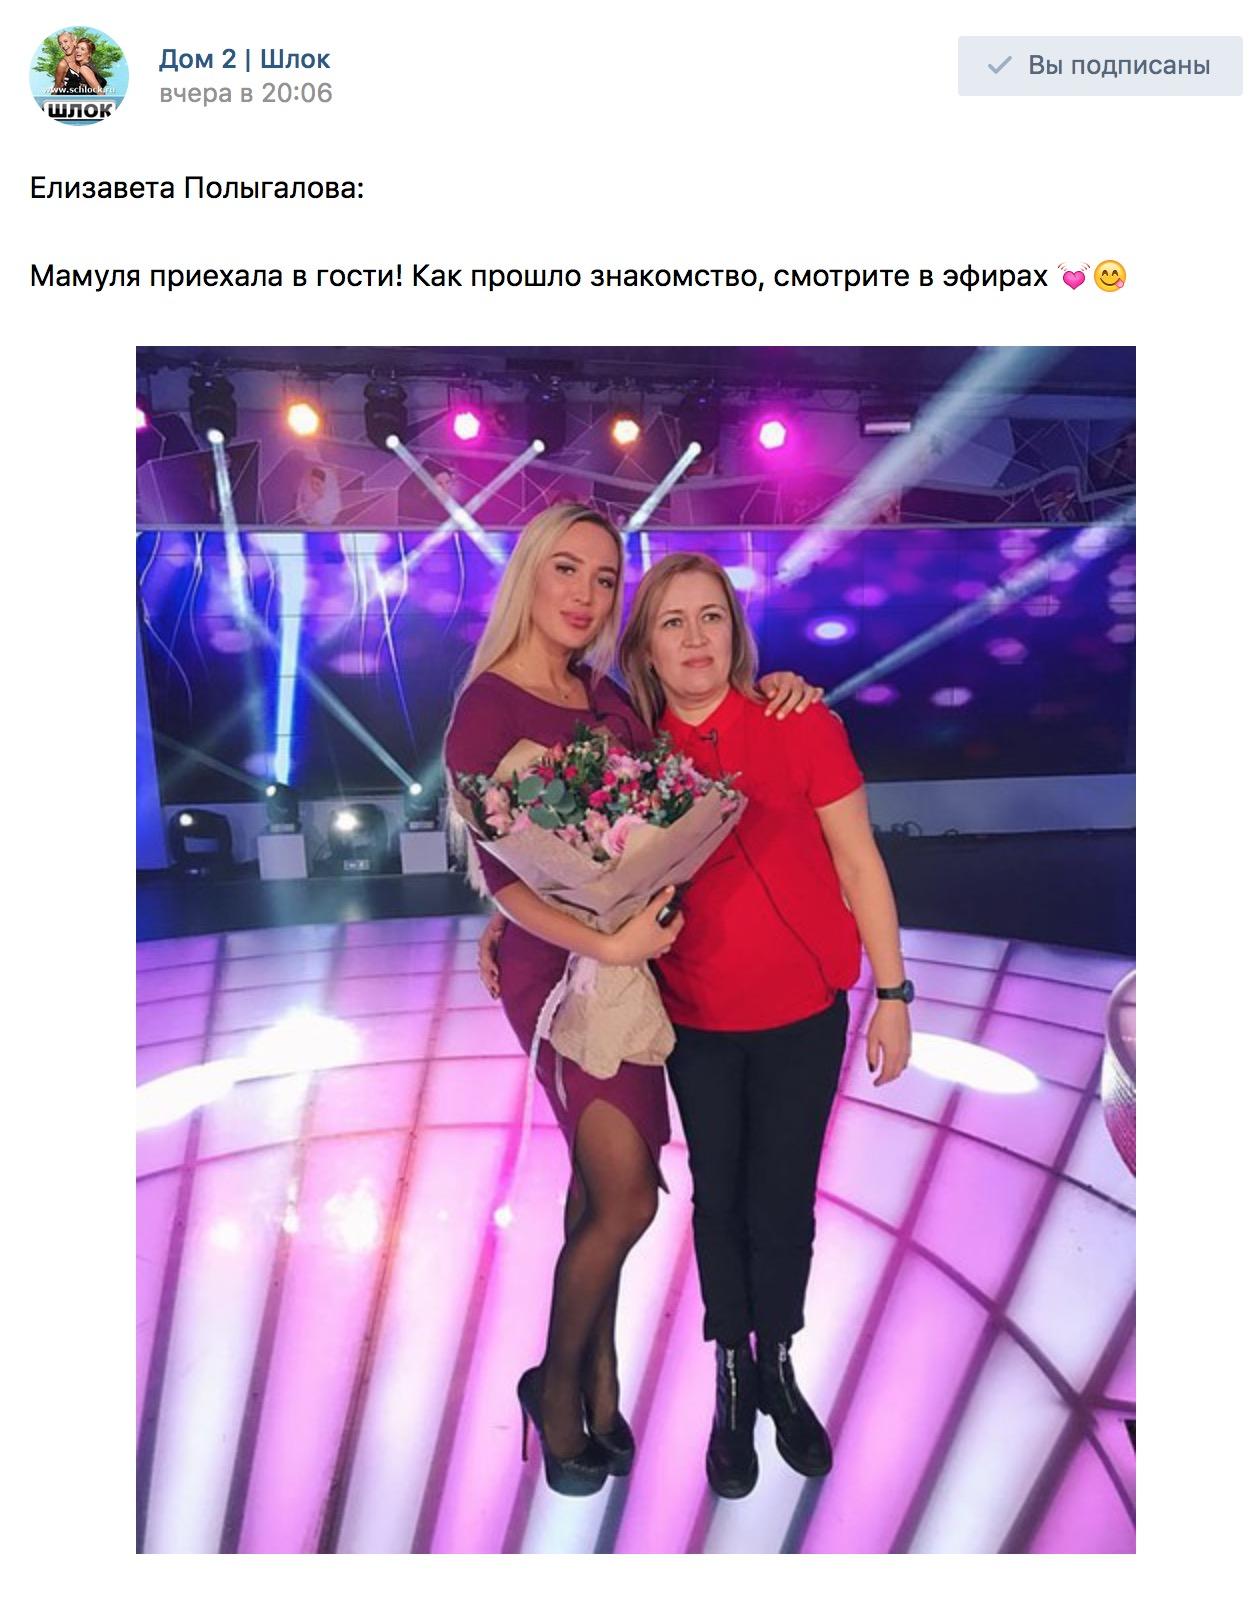 Елизавета Полыгалова. Мамуля приехала в гости!